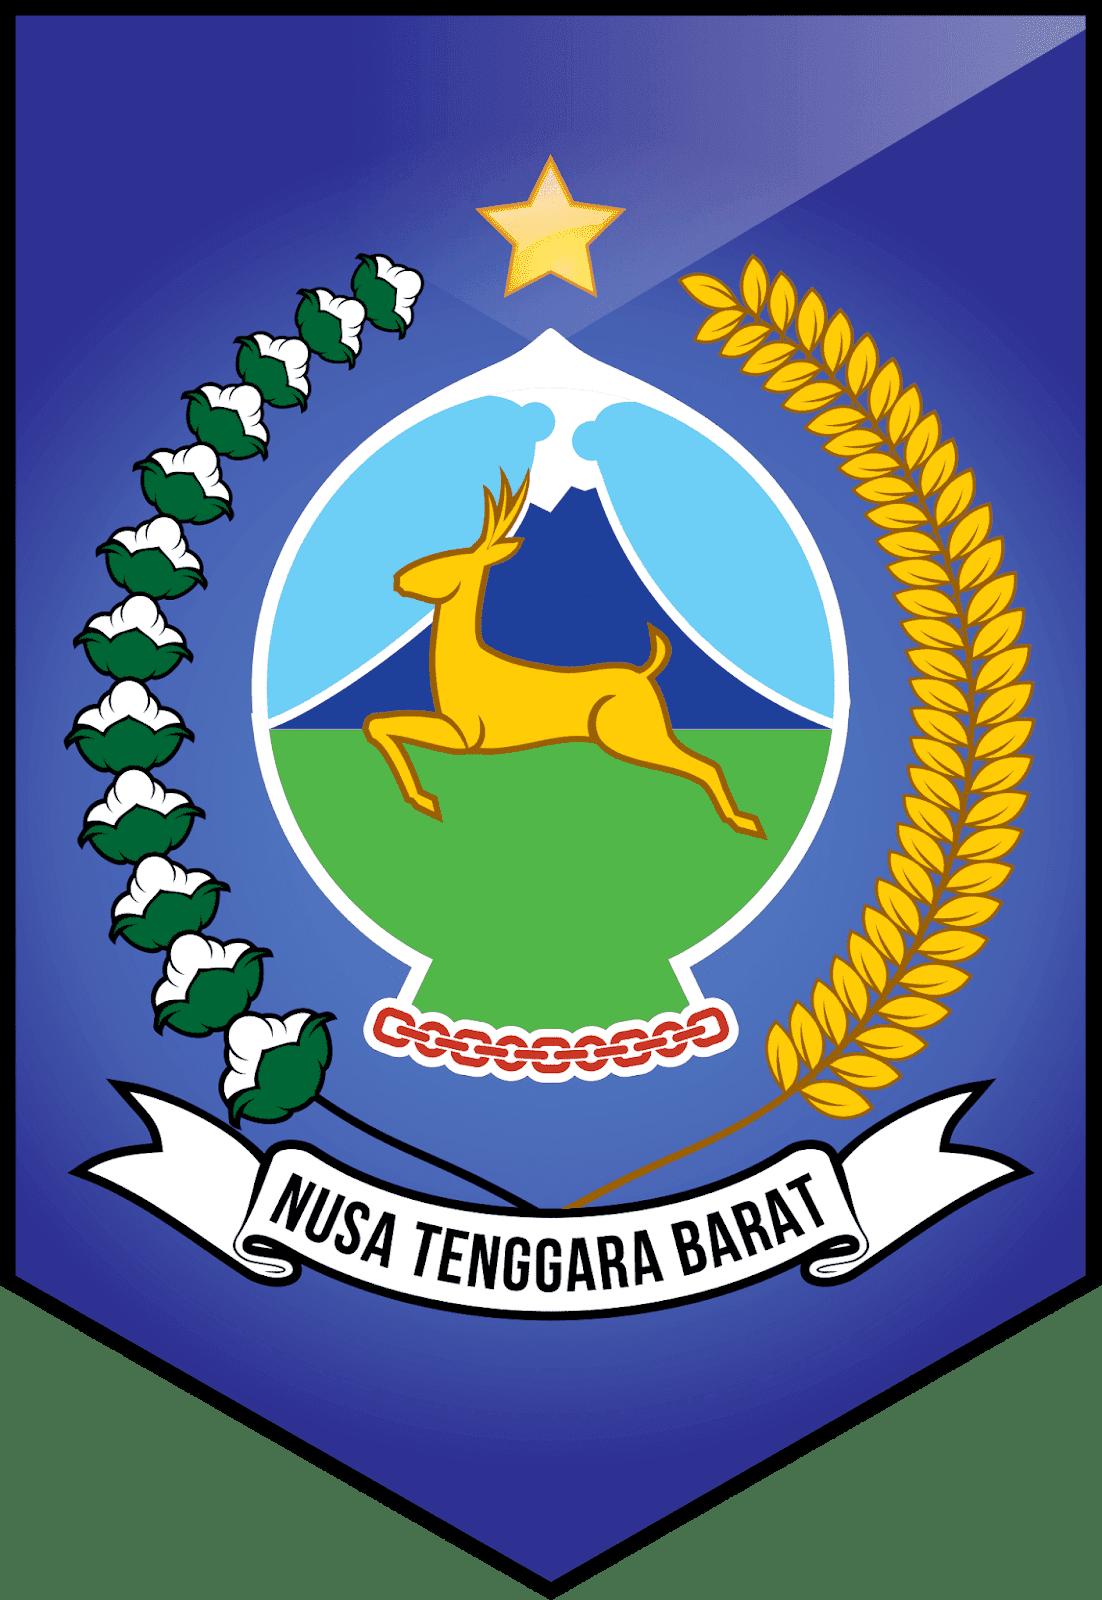 Logo Provinsi Ntb Png : provinsi, Lambang, Propinsi, Tenggara, Barat, Design